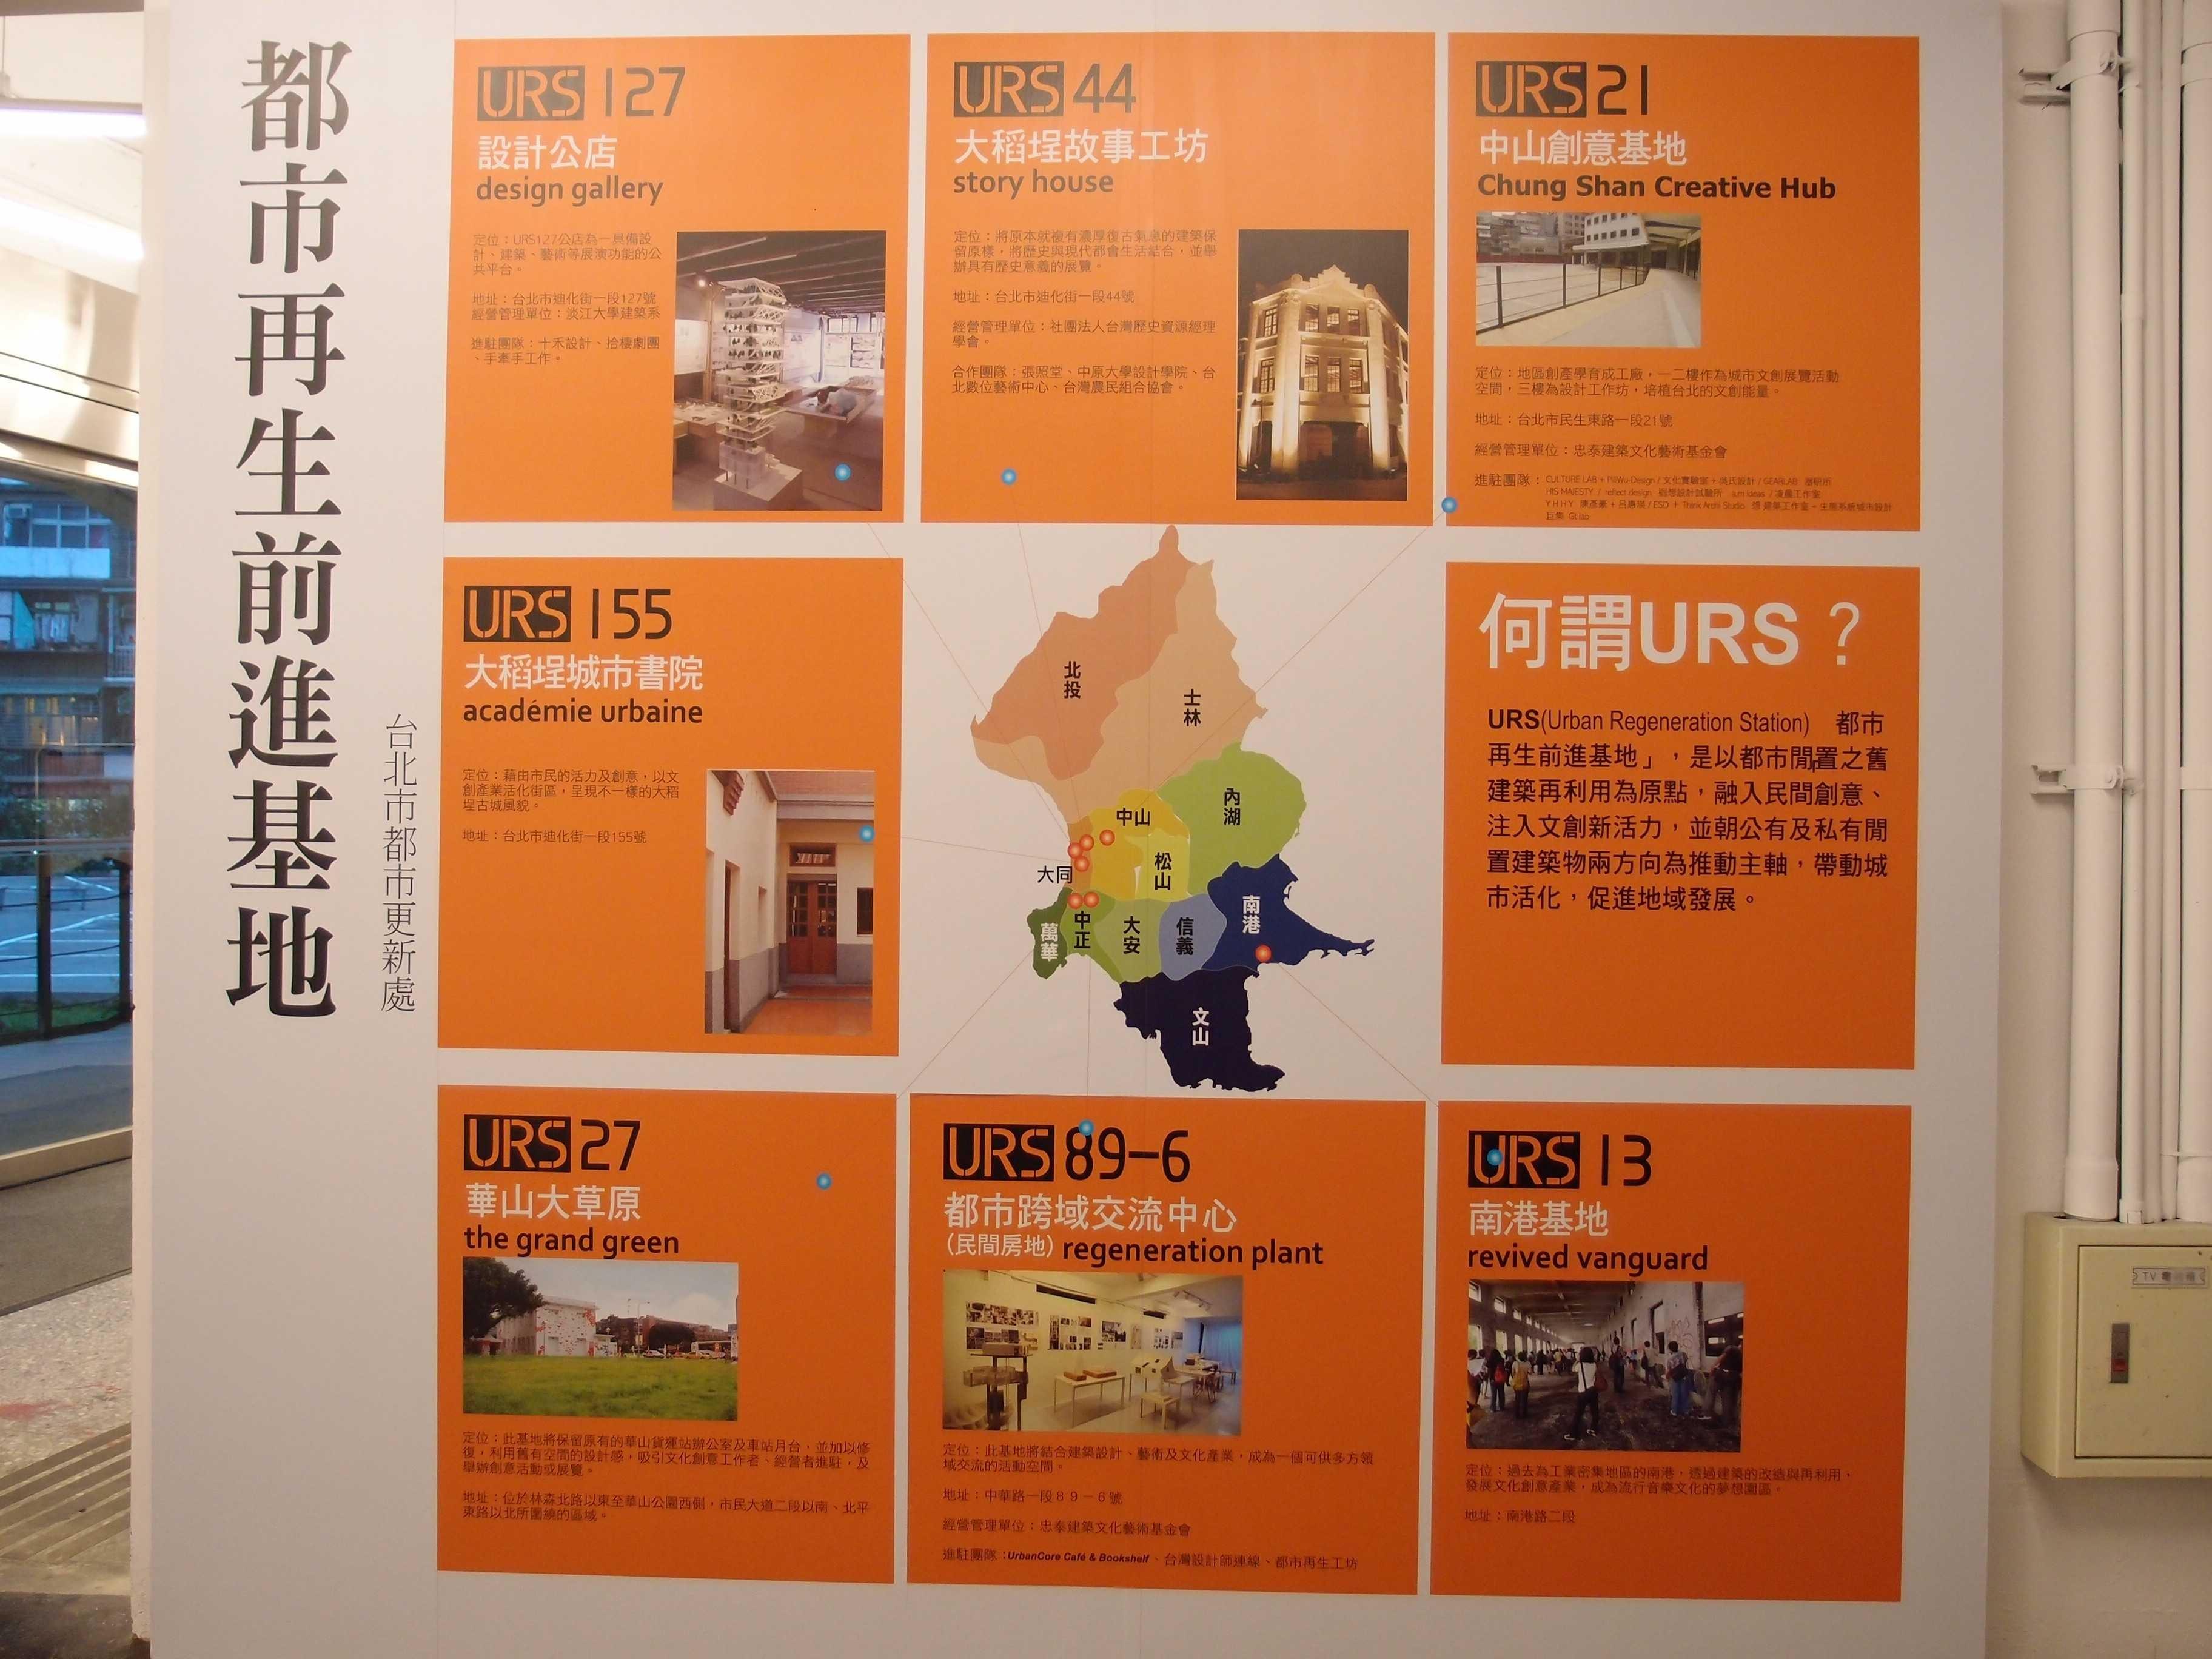 【社造觀點】舊建築‧新風貌─「中山創意基地URS21」